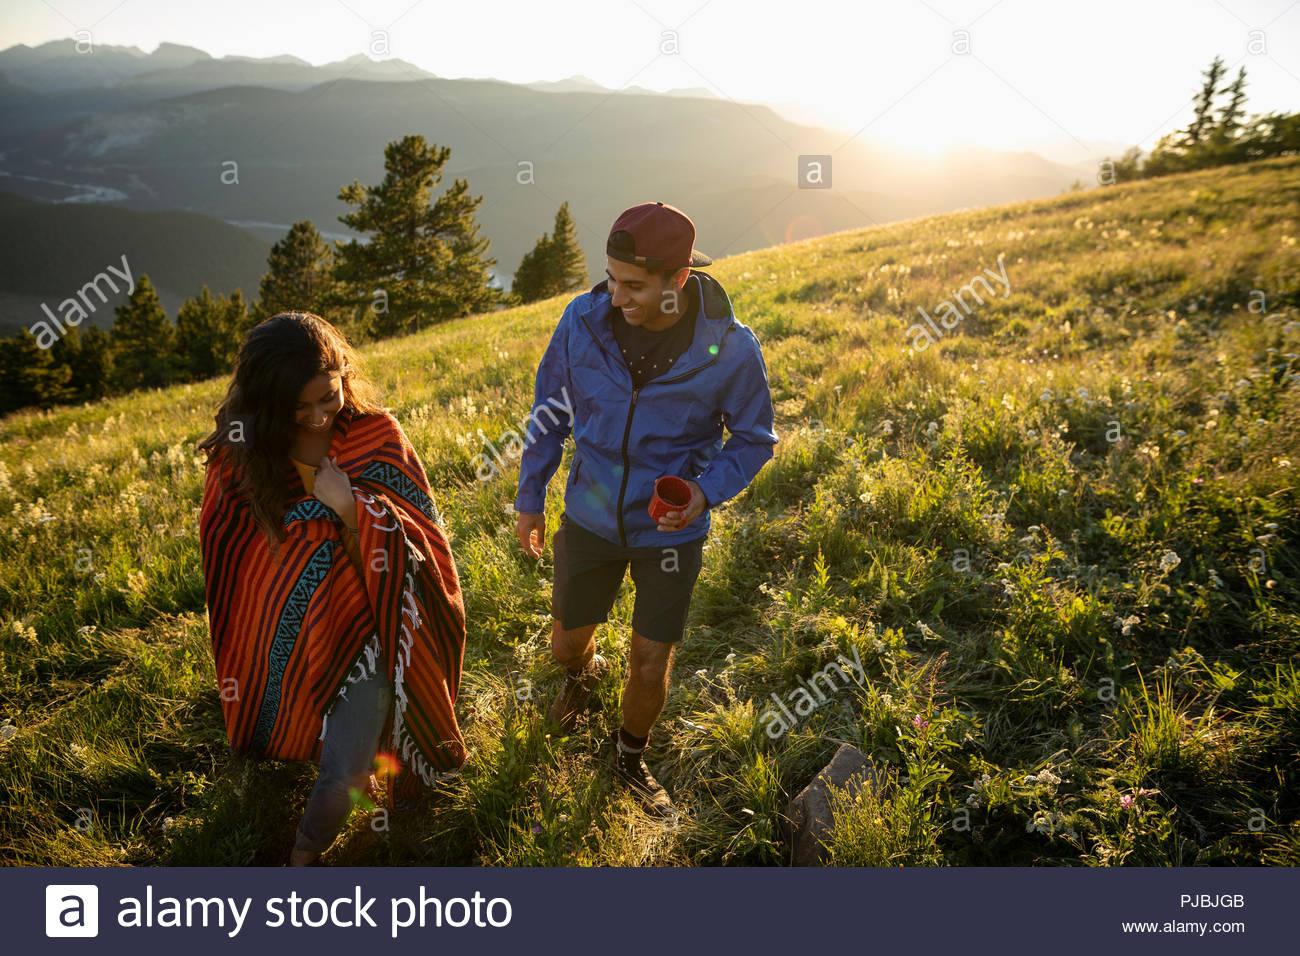 Paar mit Kaffee und Decke gehen an sonnigen, idyllischen Berg Hang, Alberta, Kanada Stockbild